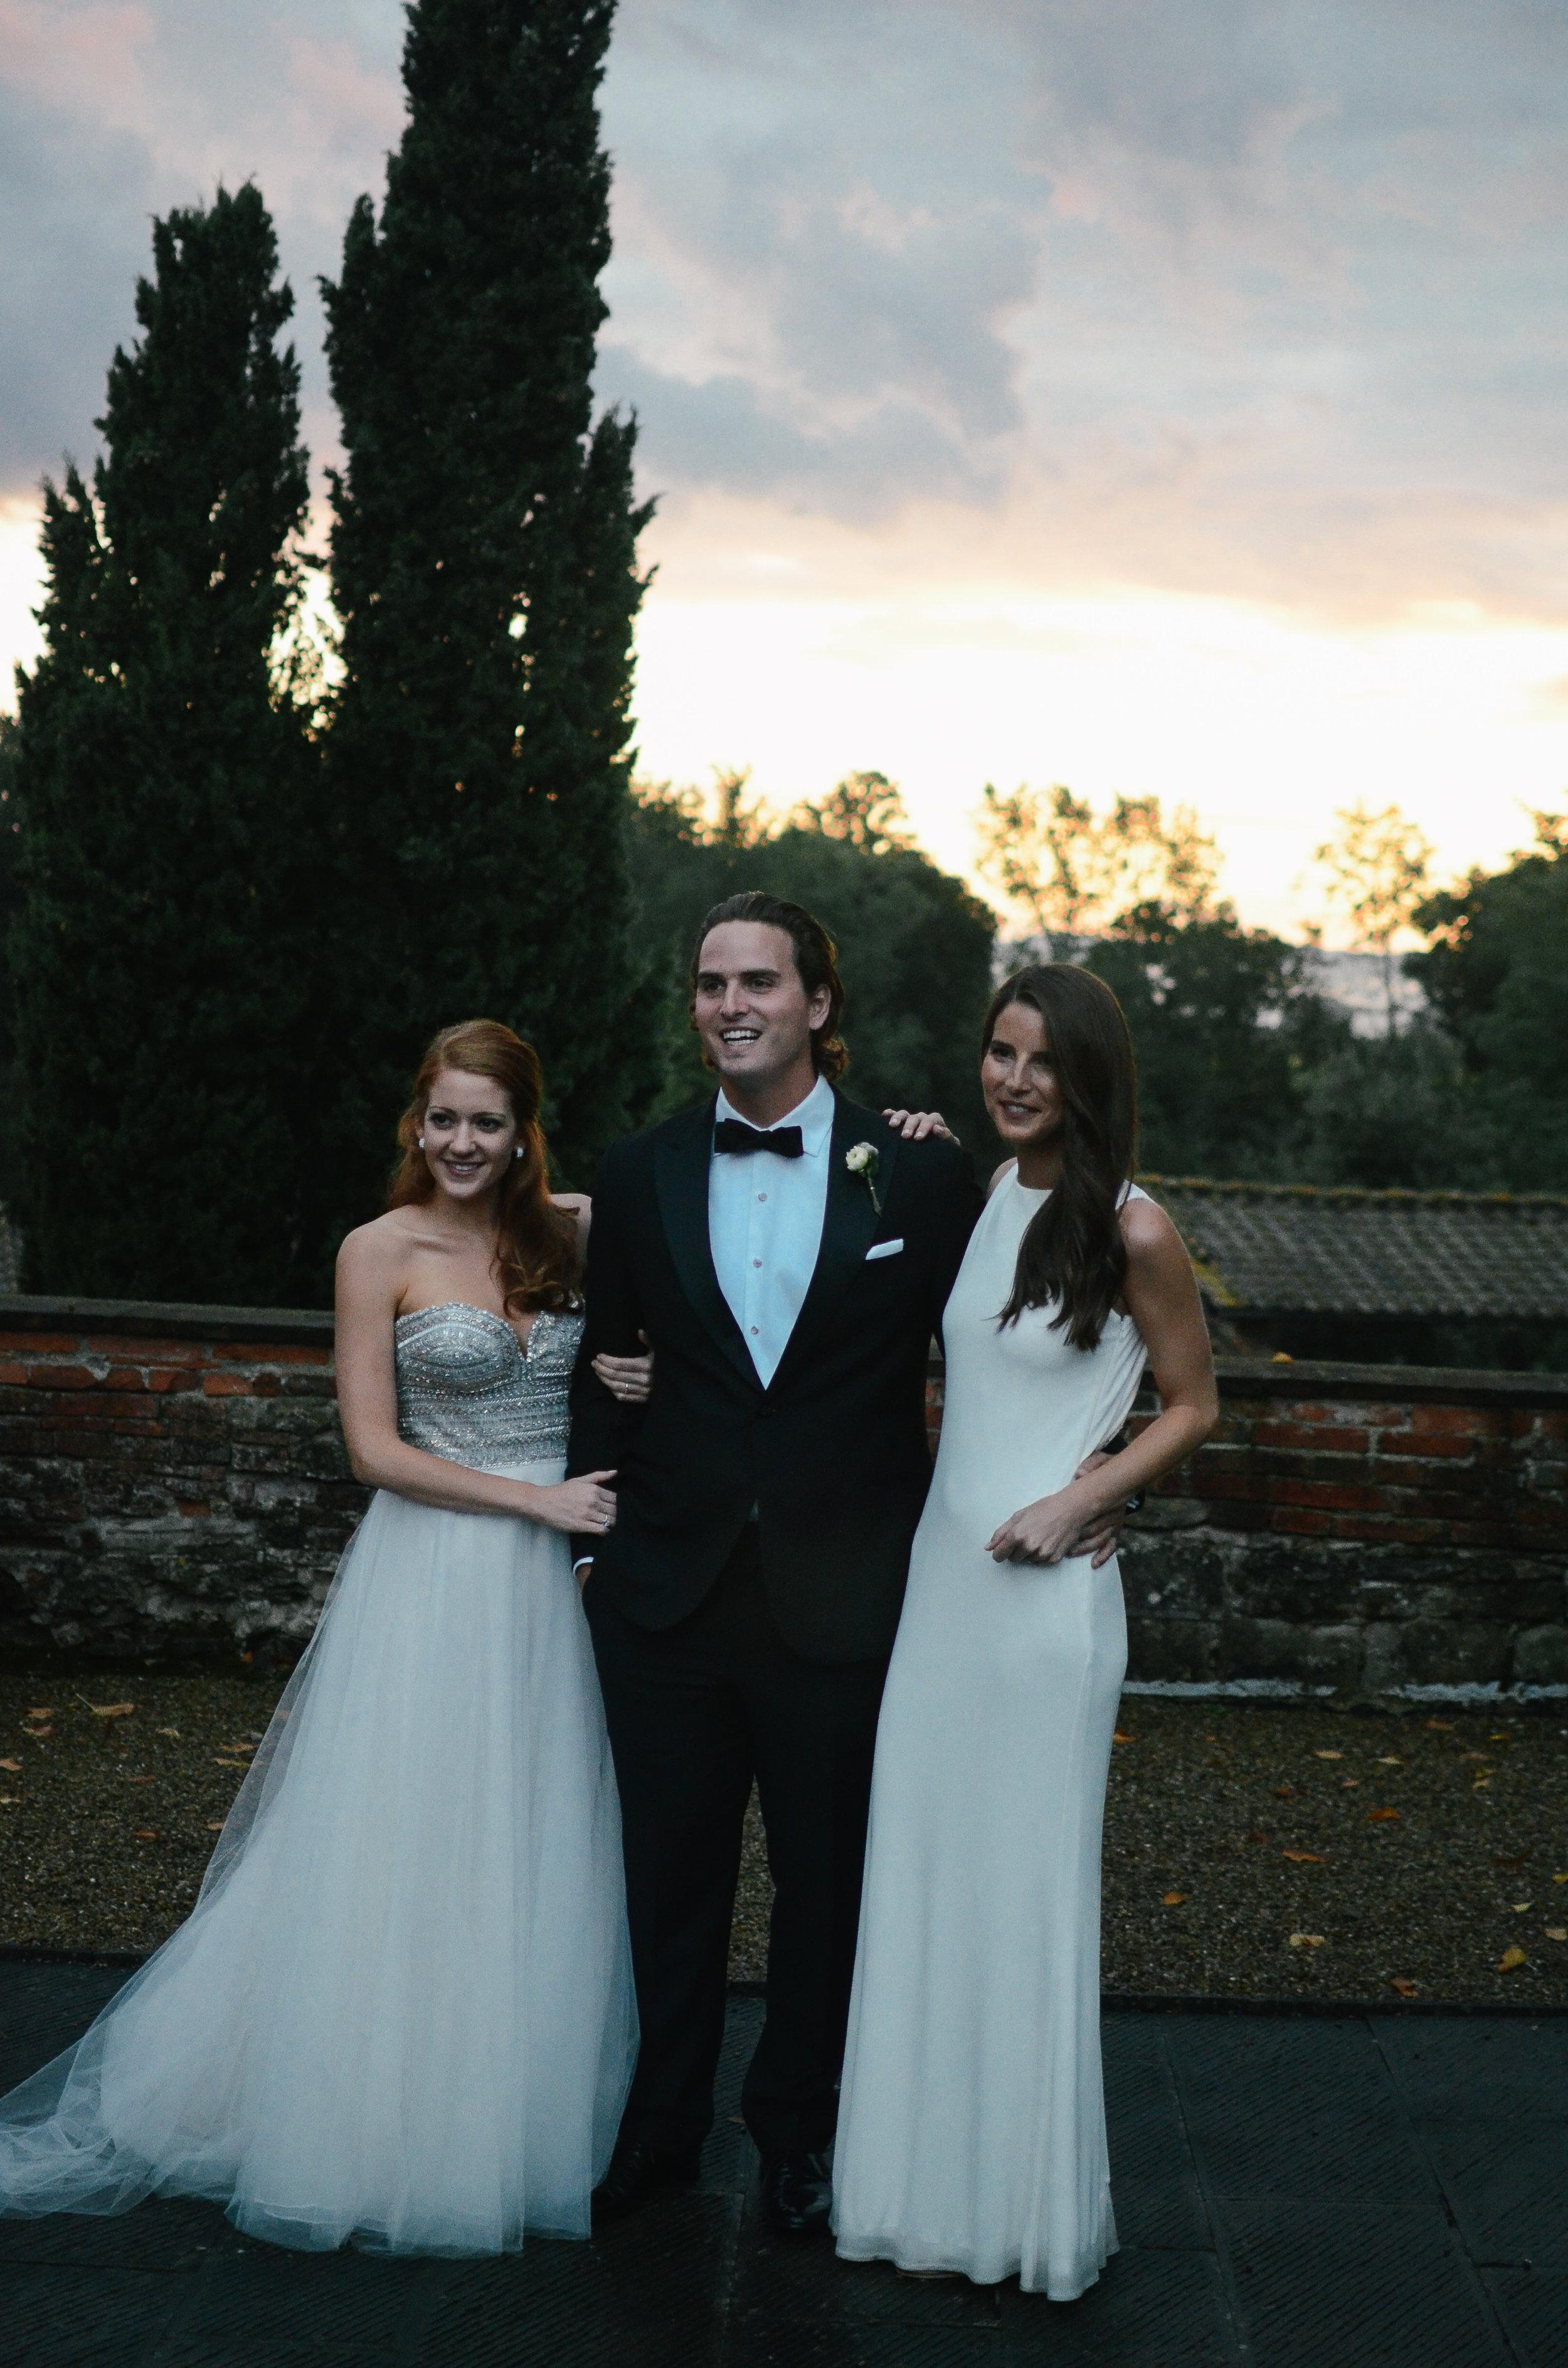 il-borro-toscana-wedding-tuscany-lifeonpine_DSC_1149.jpg